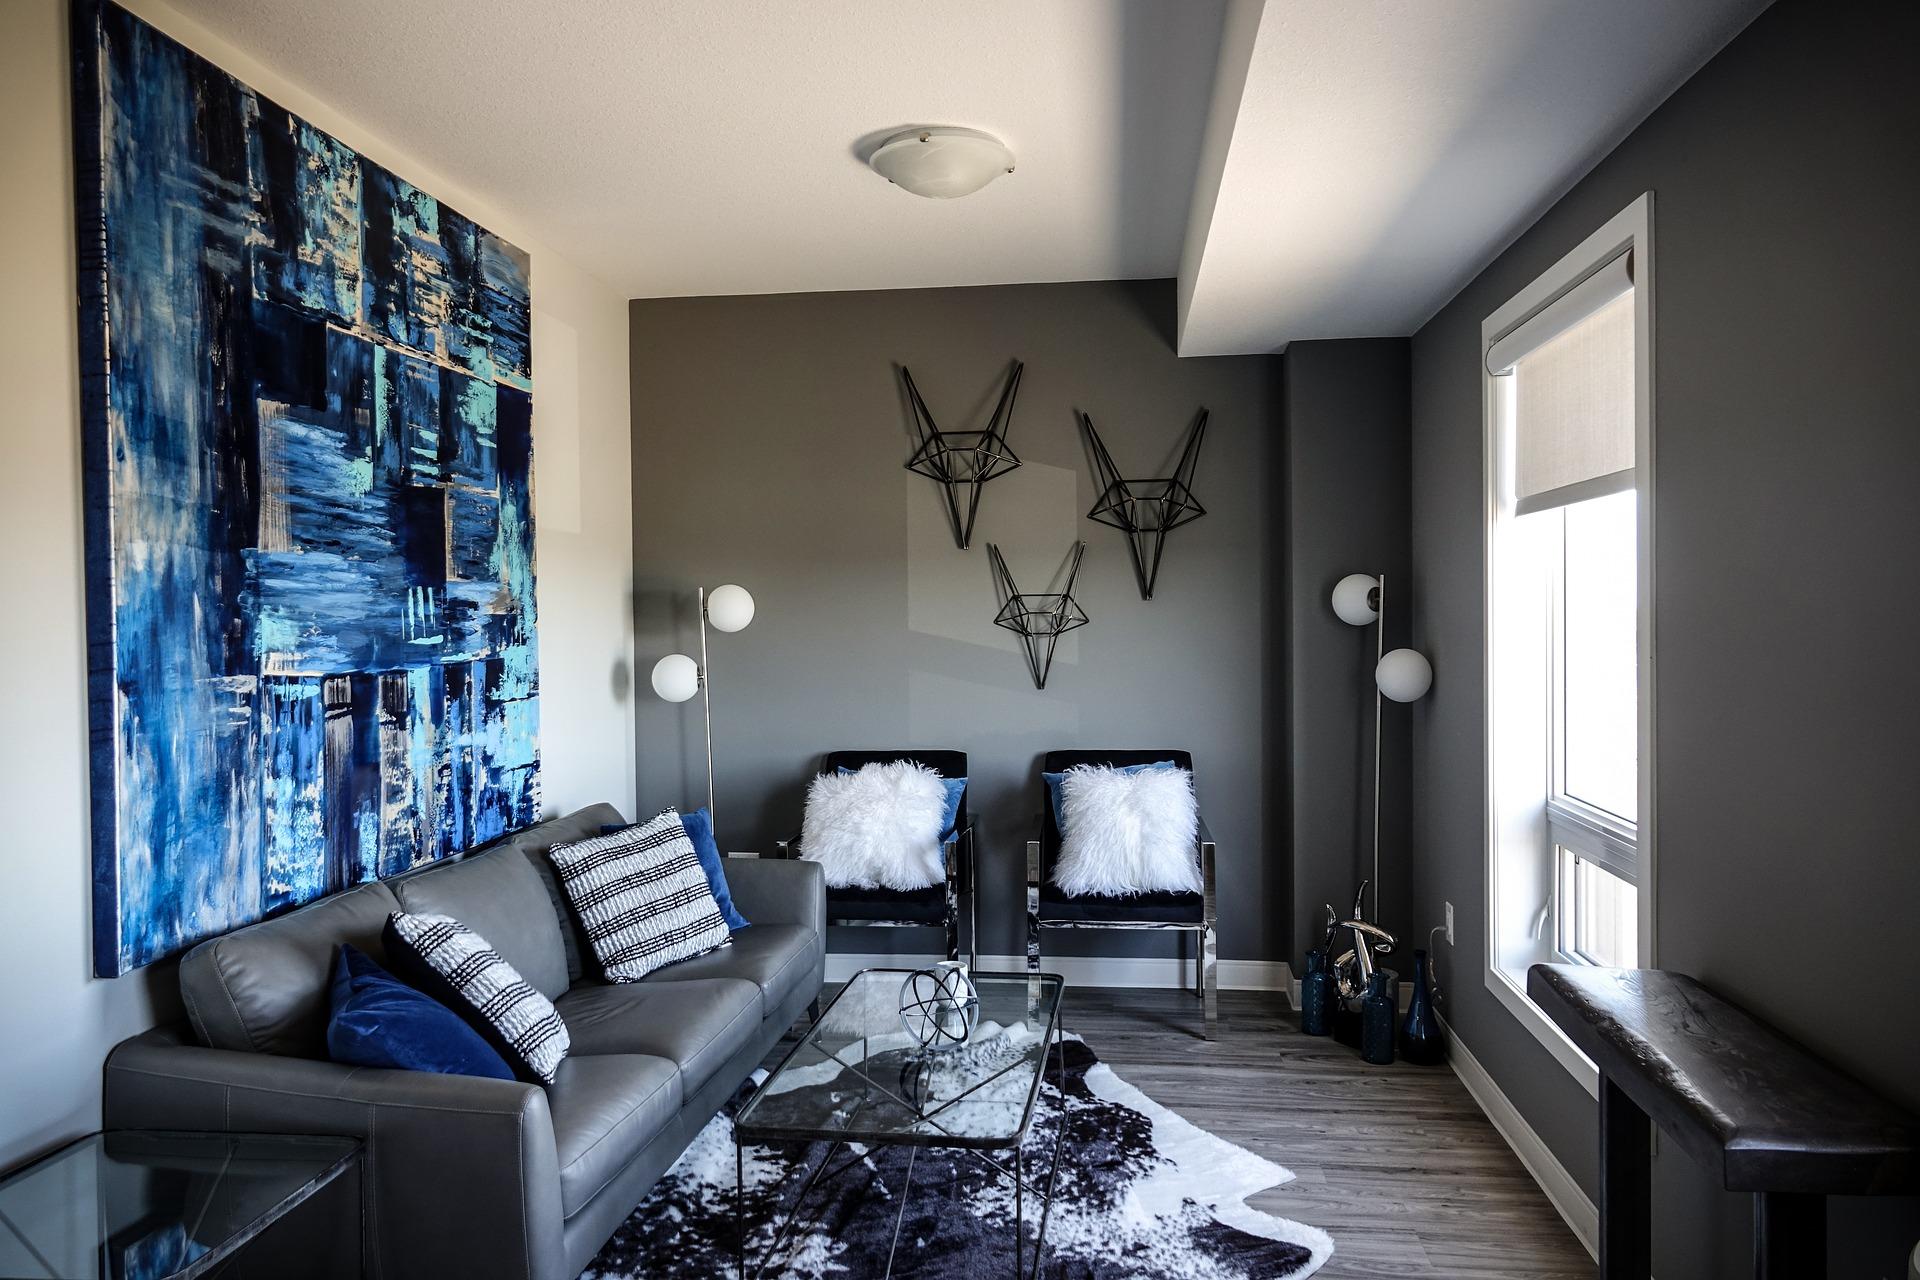 réalisation d'une peinture grise dans un salon